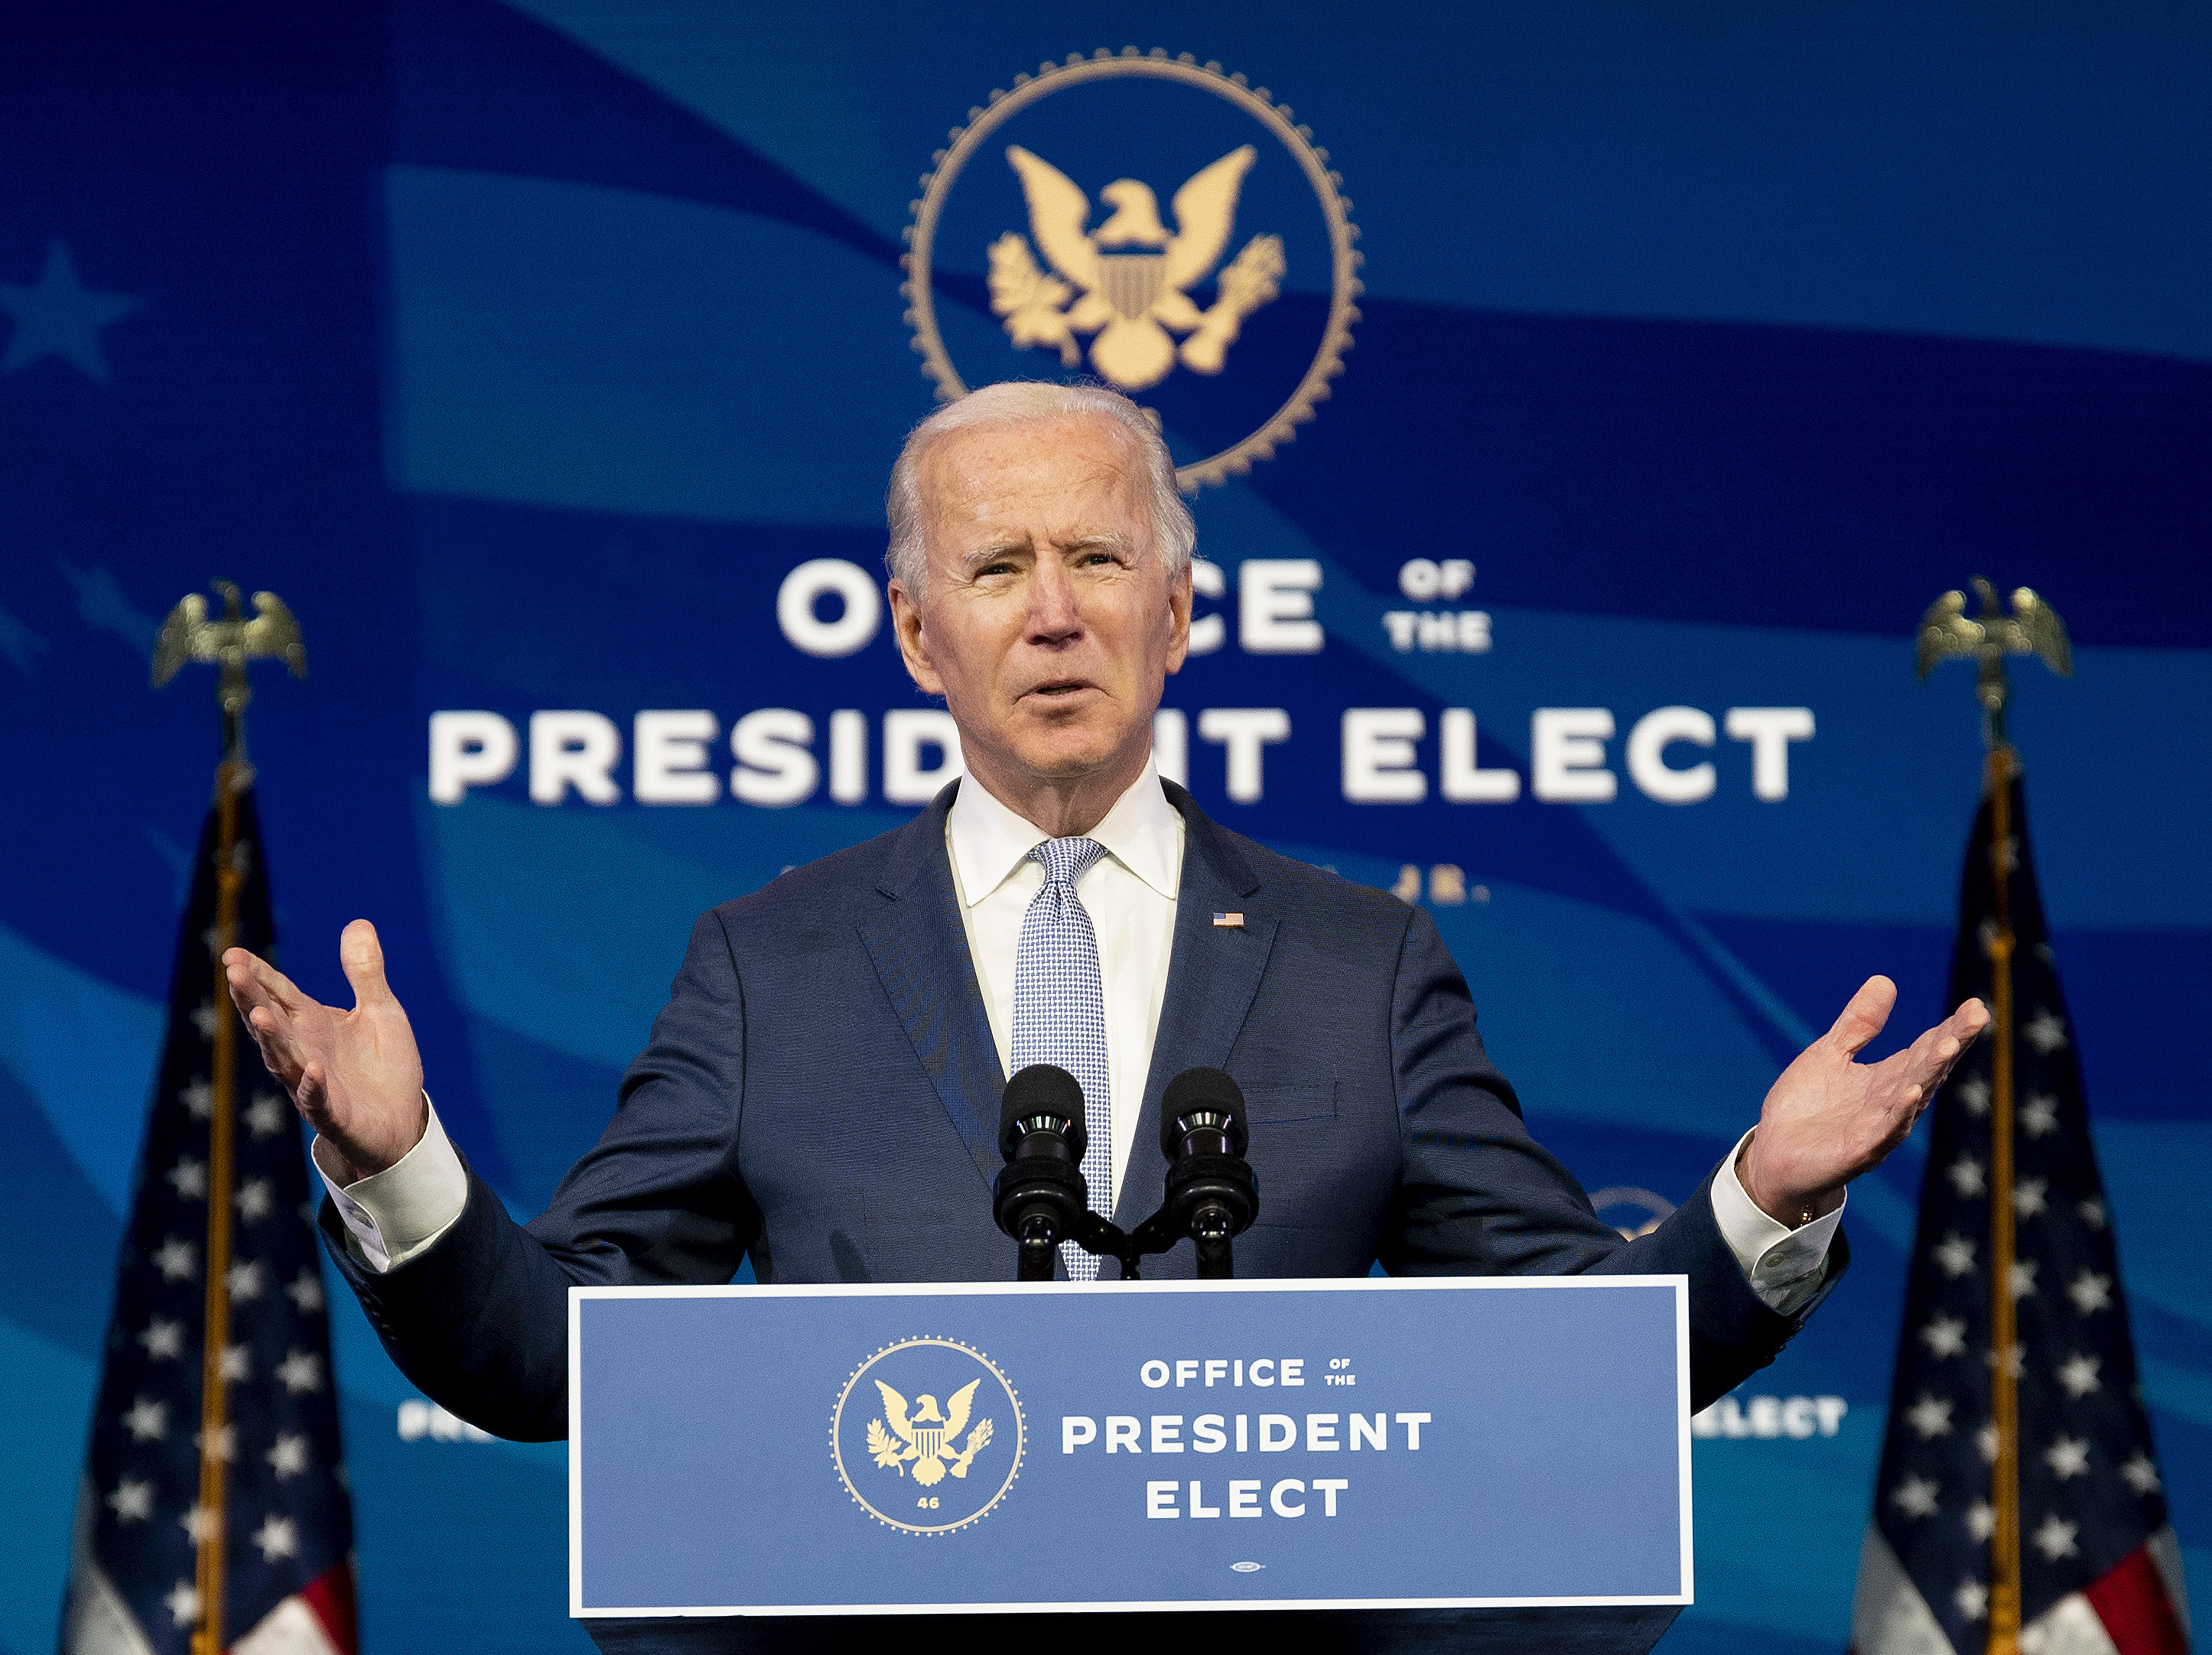 بايدن رفض التطرق إلى الحديث عن التعديل الذي يسمح بعزل الرئيس